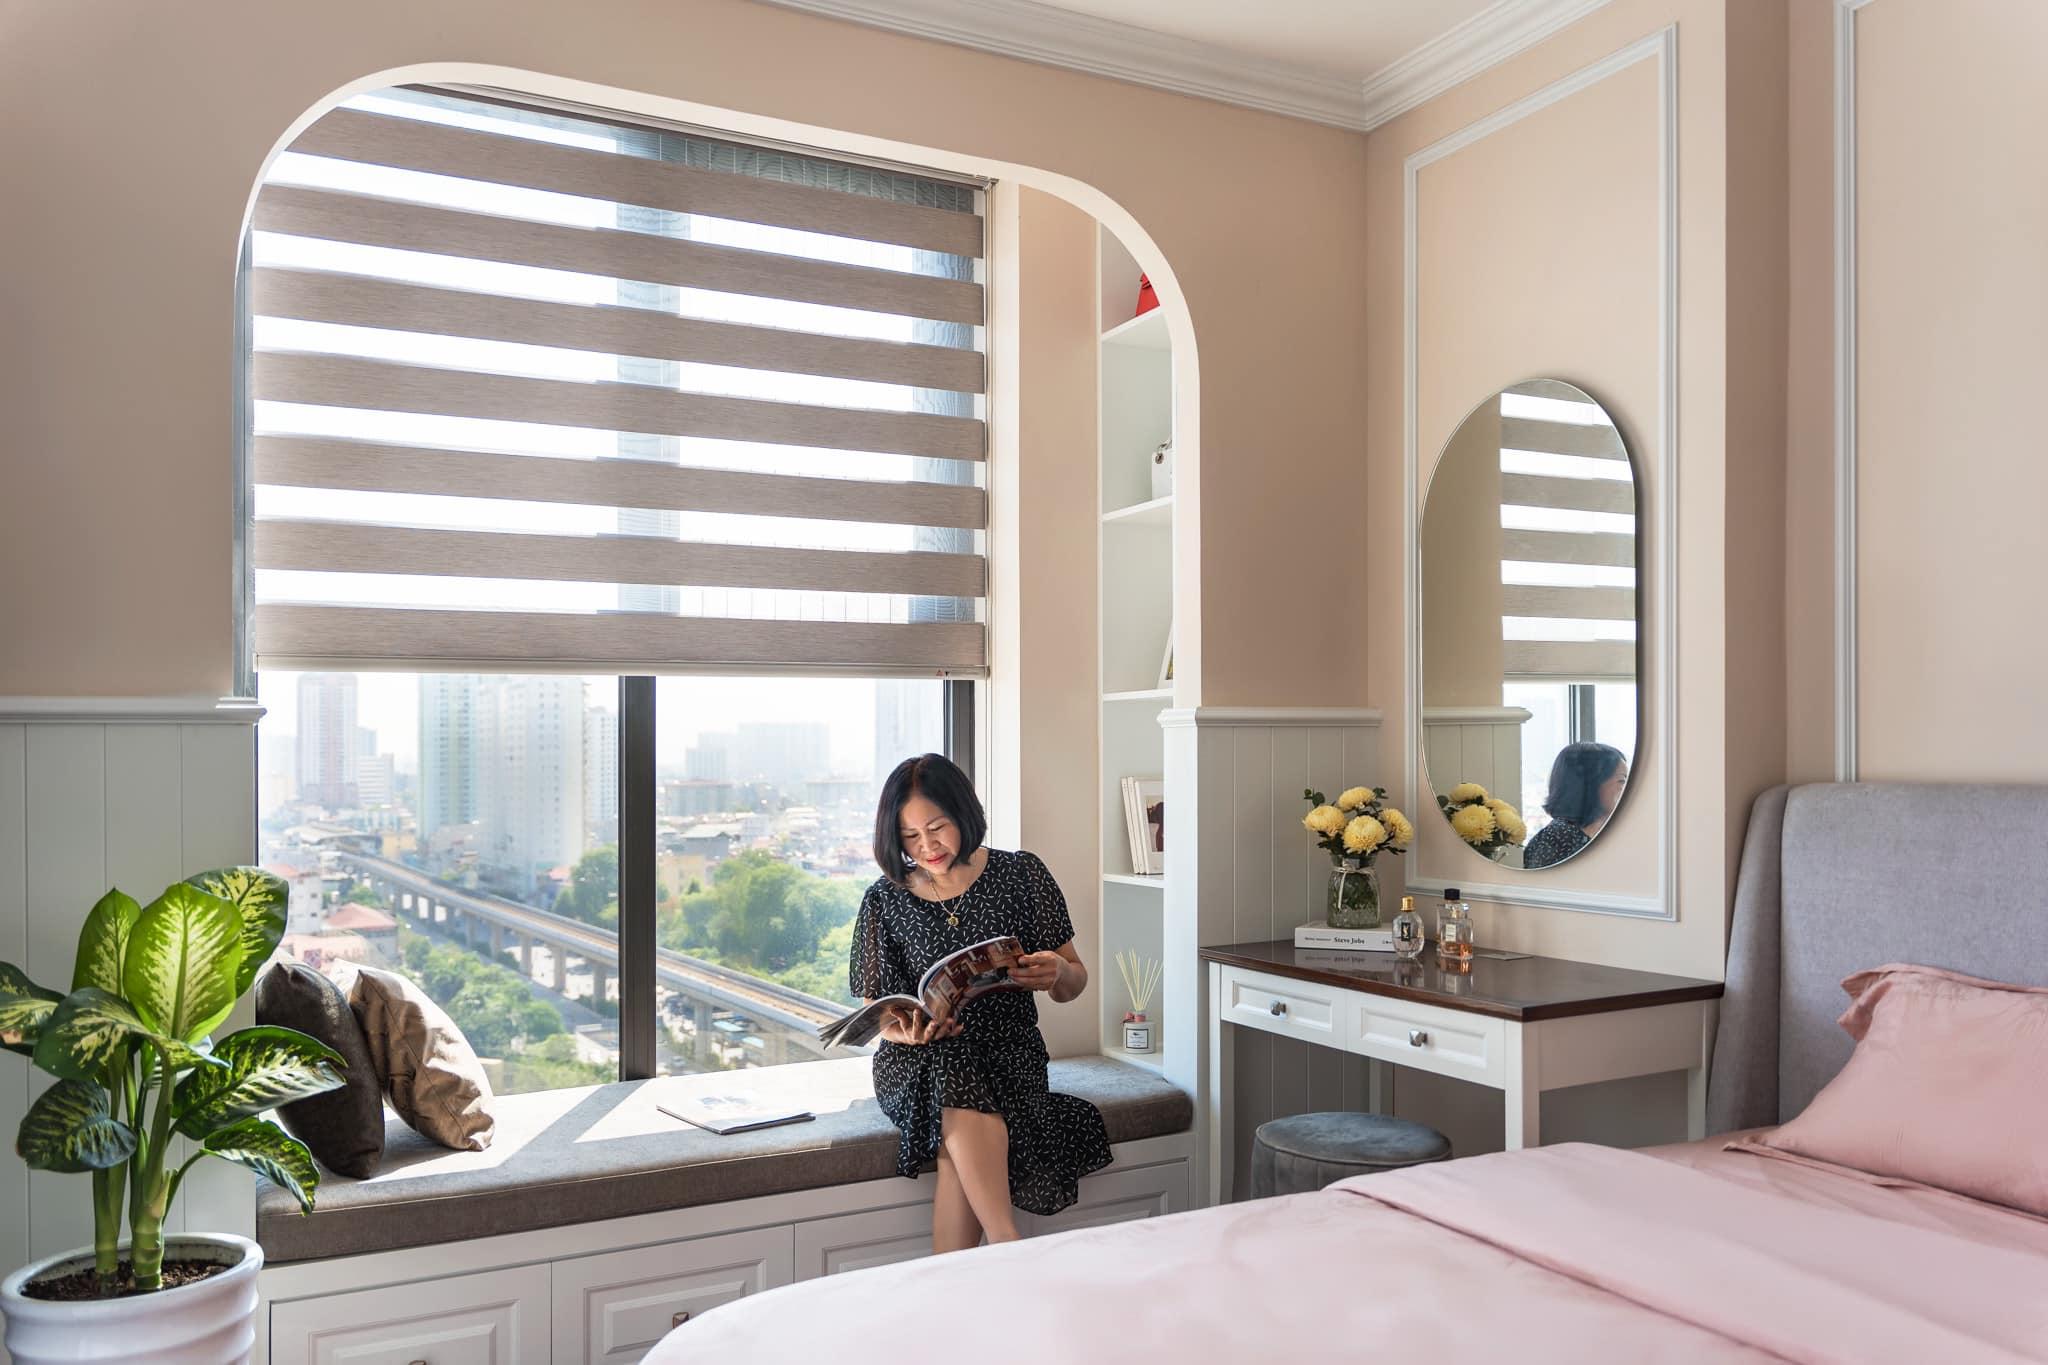 Chỉ với 75 mét vuông, gái Hà Thành 'tậu' ngay ngôi nhà đẹp như tranh vẽ tặng cho bố mẹ